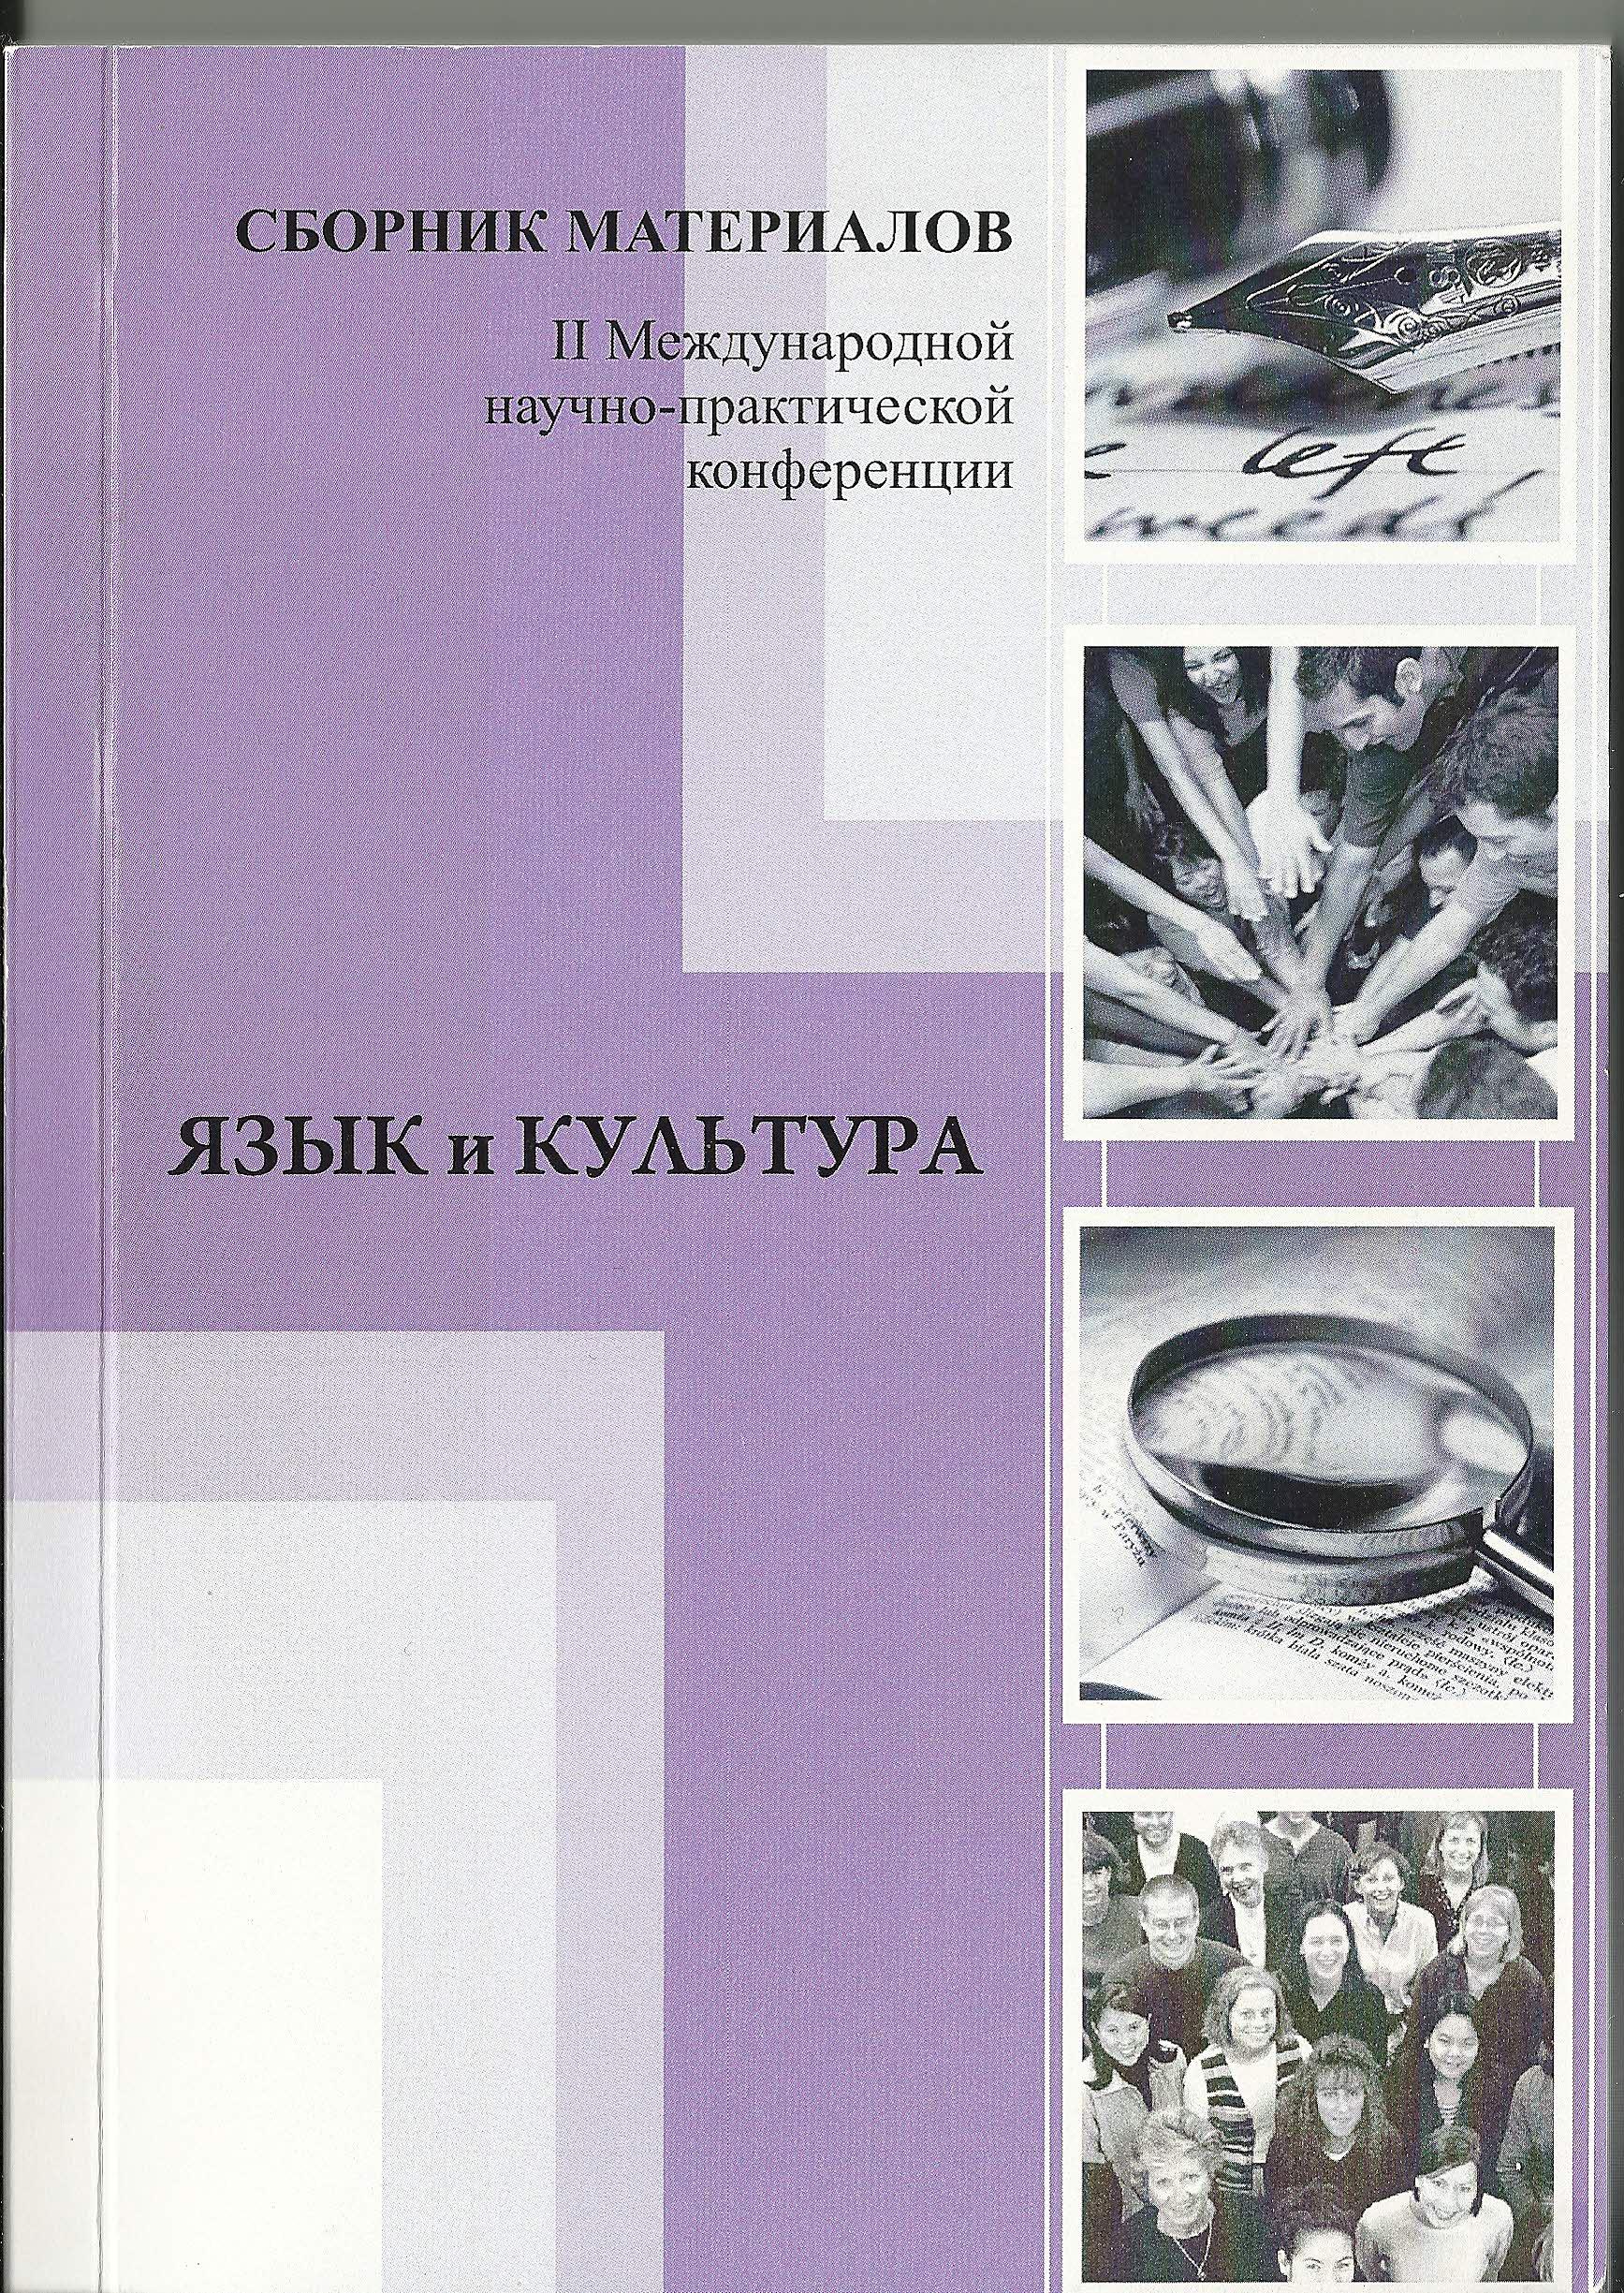 Язык и культура. Сборник материалов II Международной научно-практической конференции